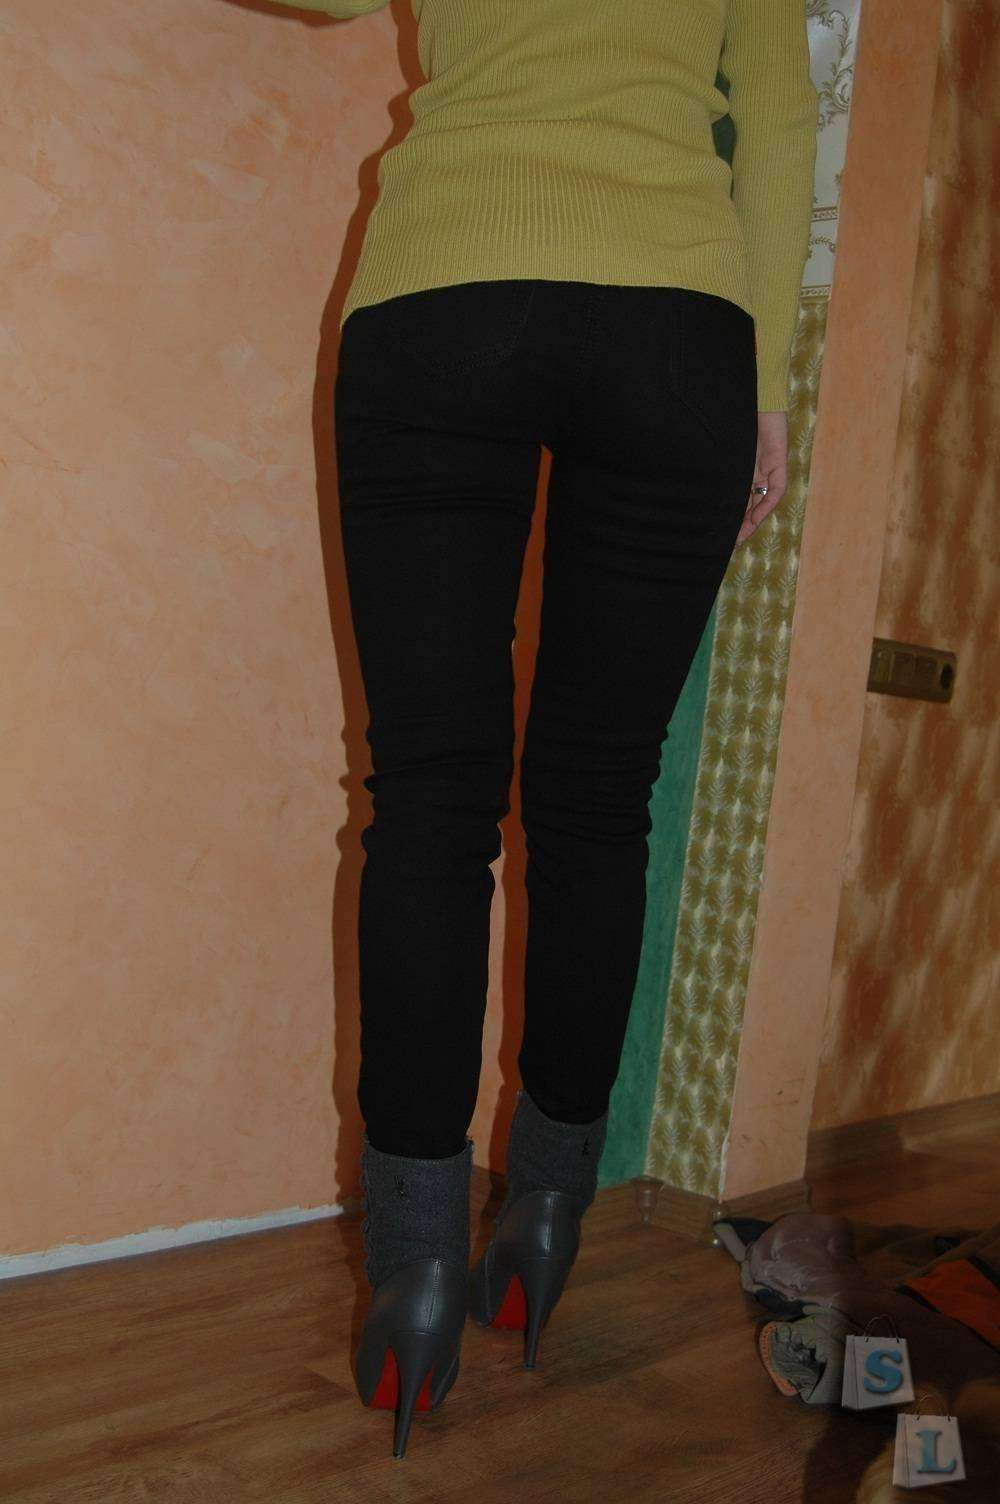 Aliexpress: Утепленные брюки с Али - дешево и .. качественно)